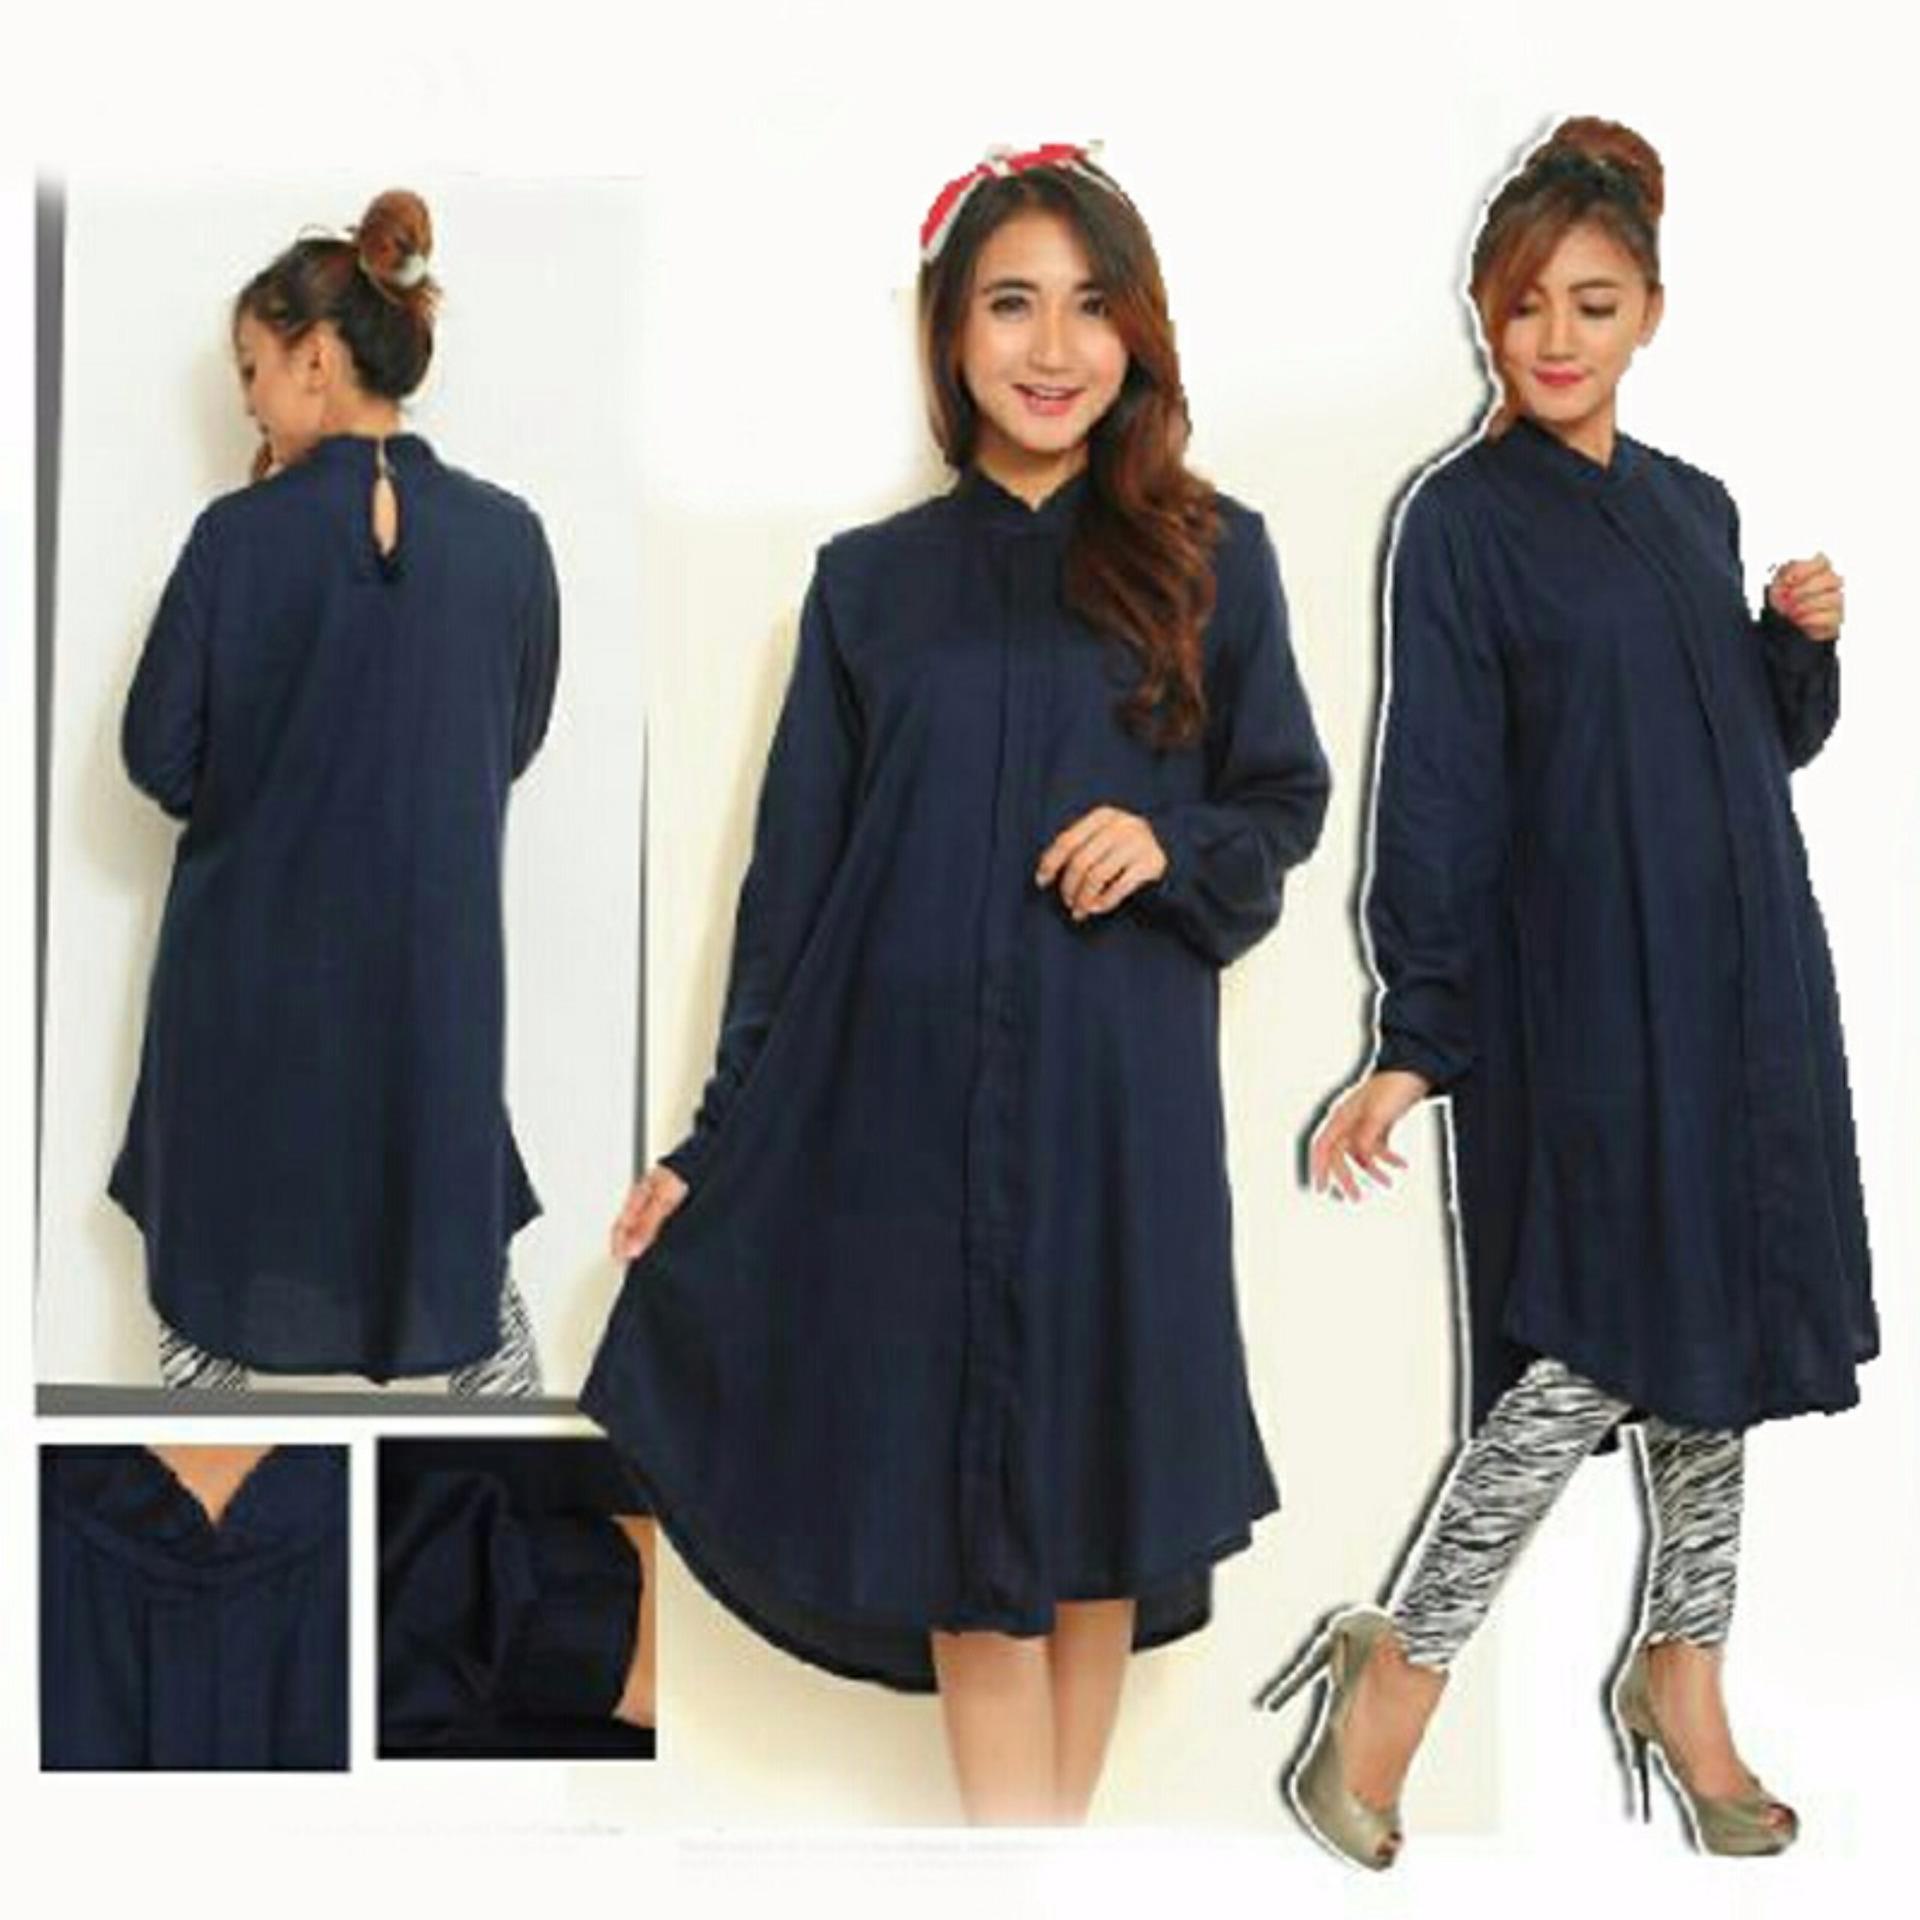 Pencarian Termurah Ayu Fashion Dress Sandi - Navy - Best Seller harga penawaran - Hanya Rp64.116